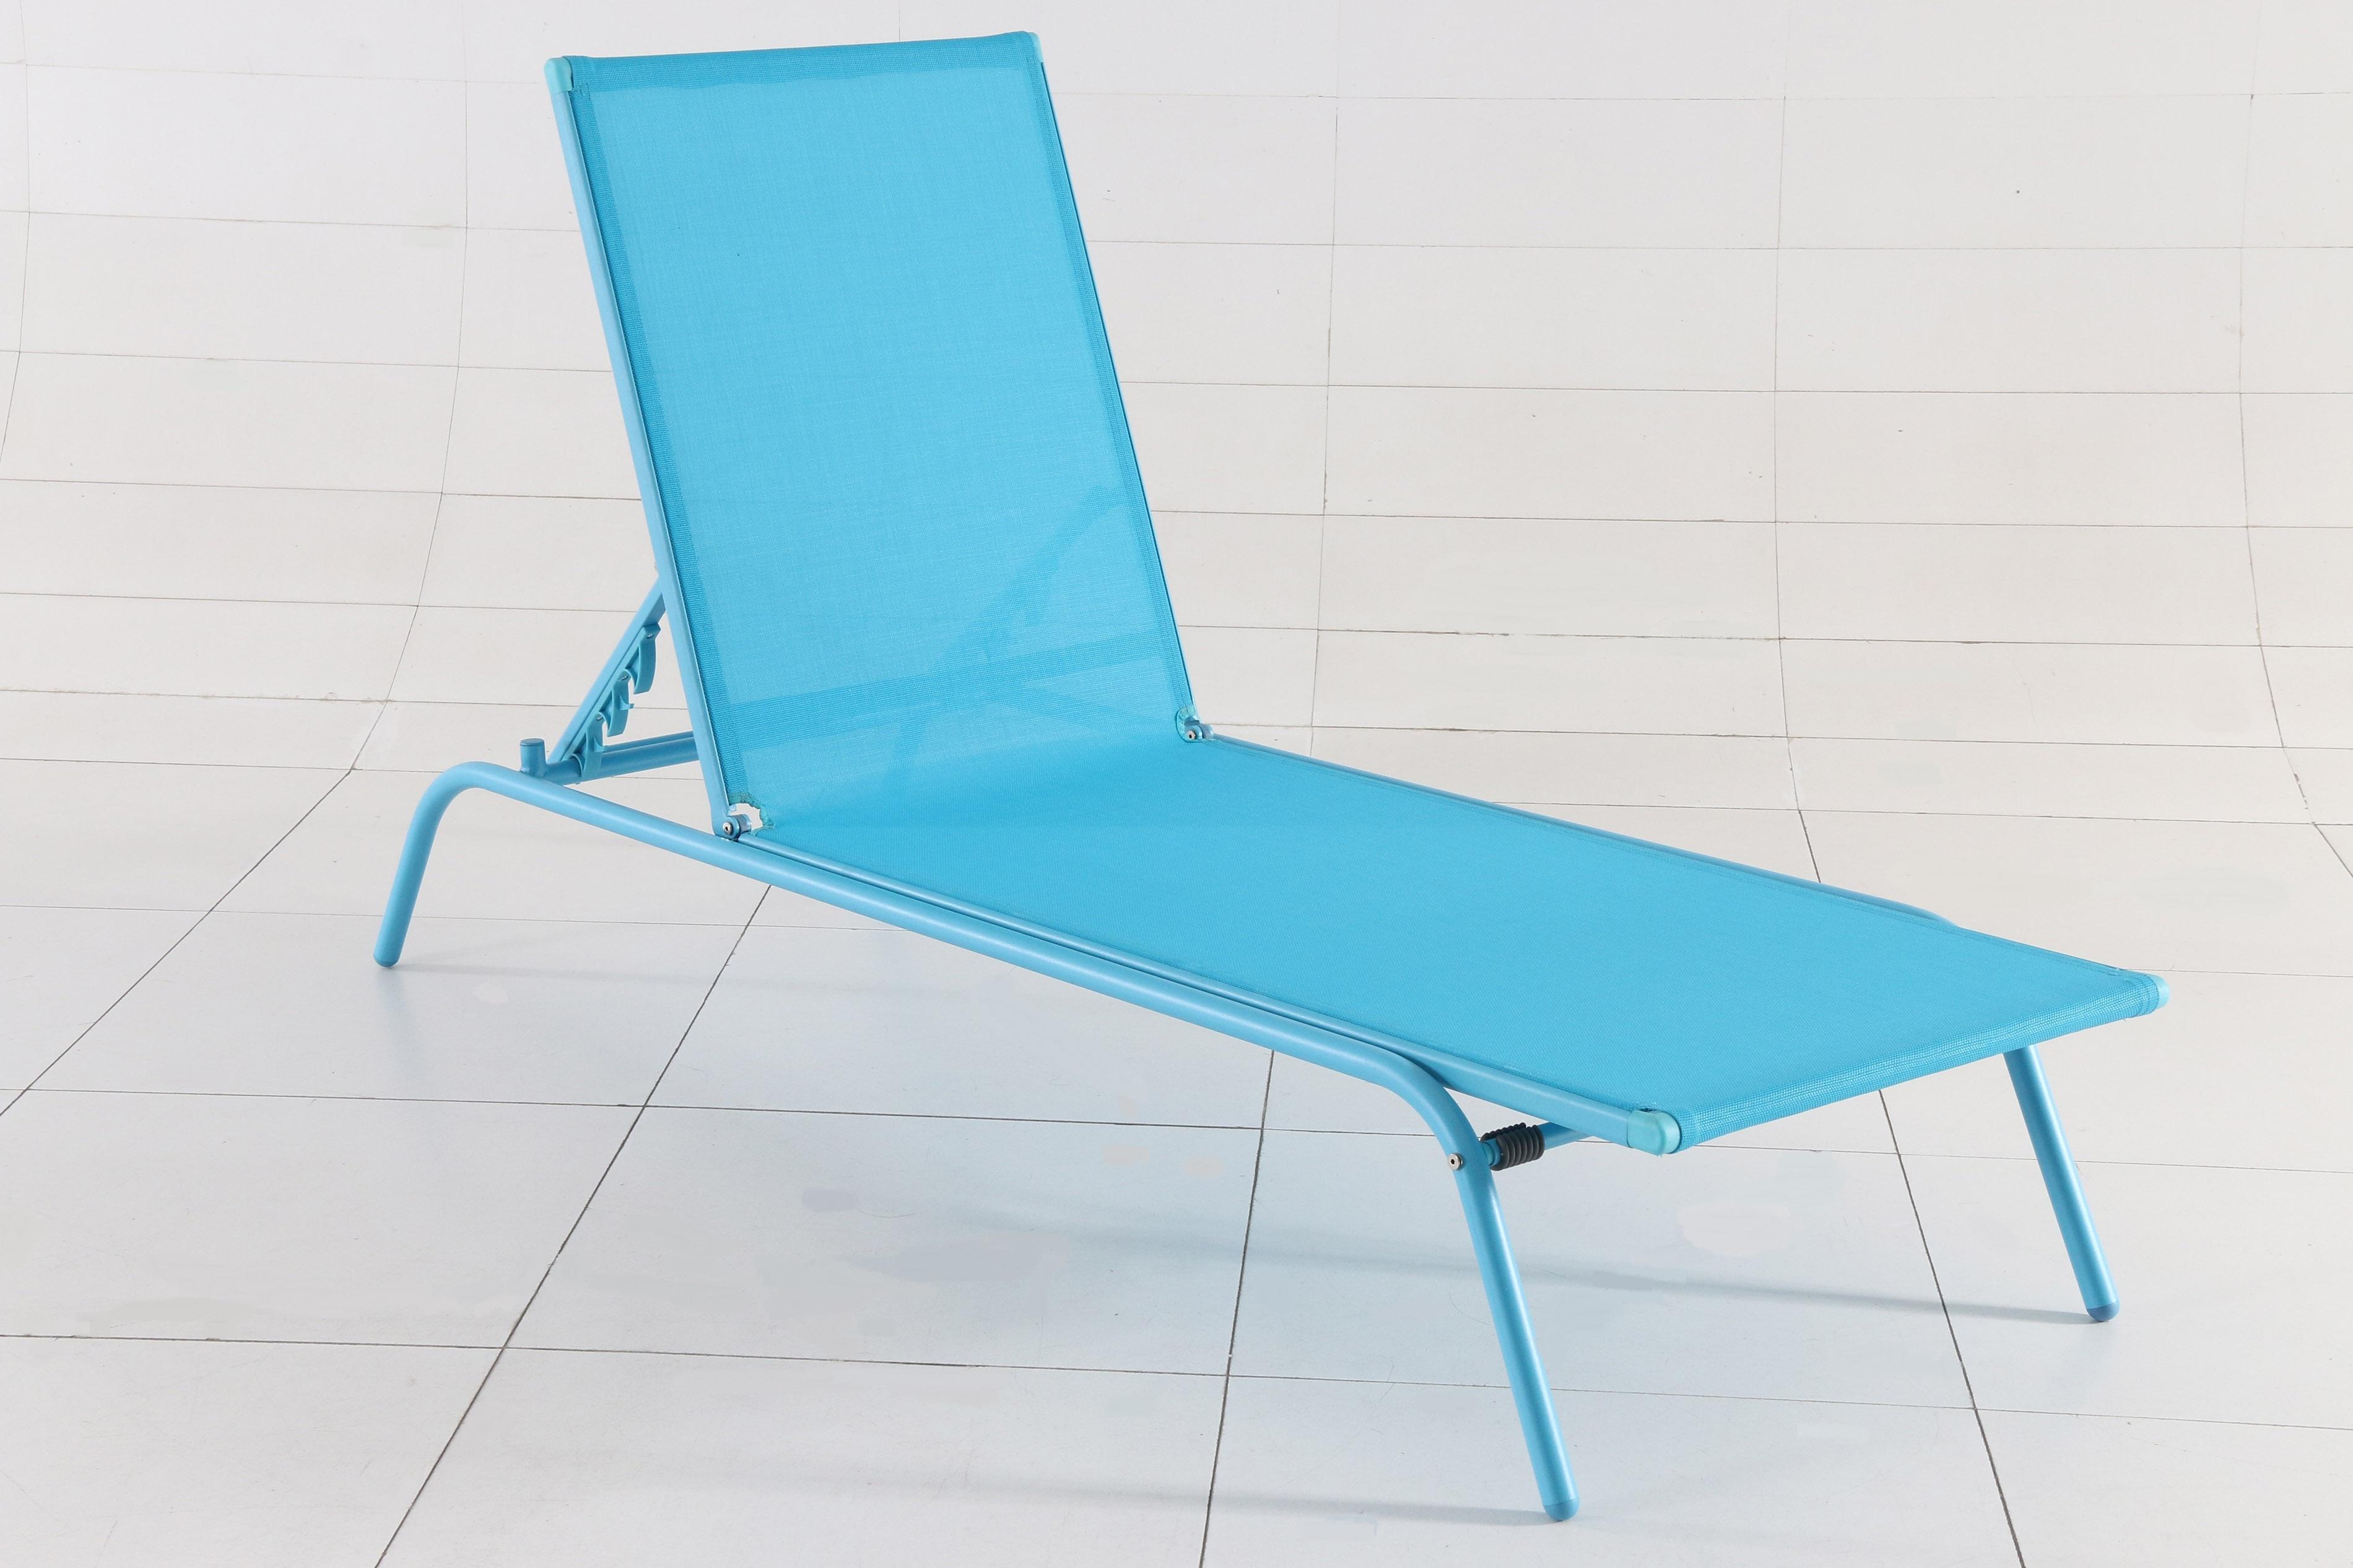 piscine en bleu Coussin pour transat jardin terrasse Cuisine ...